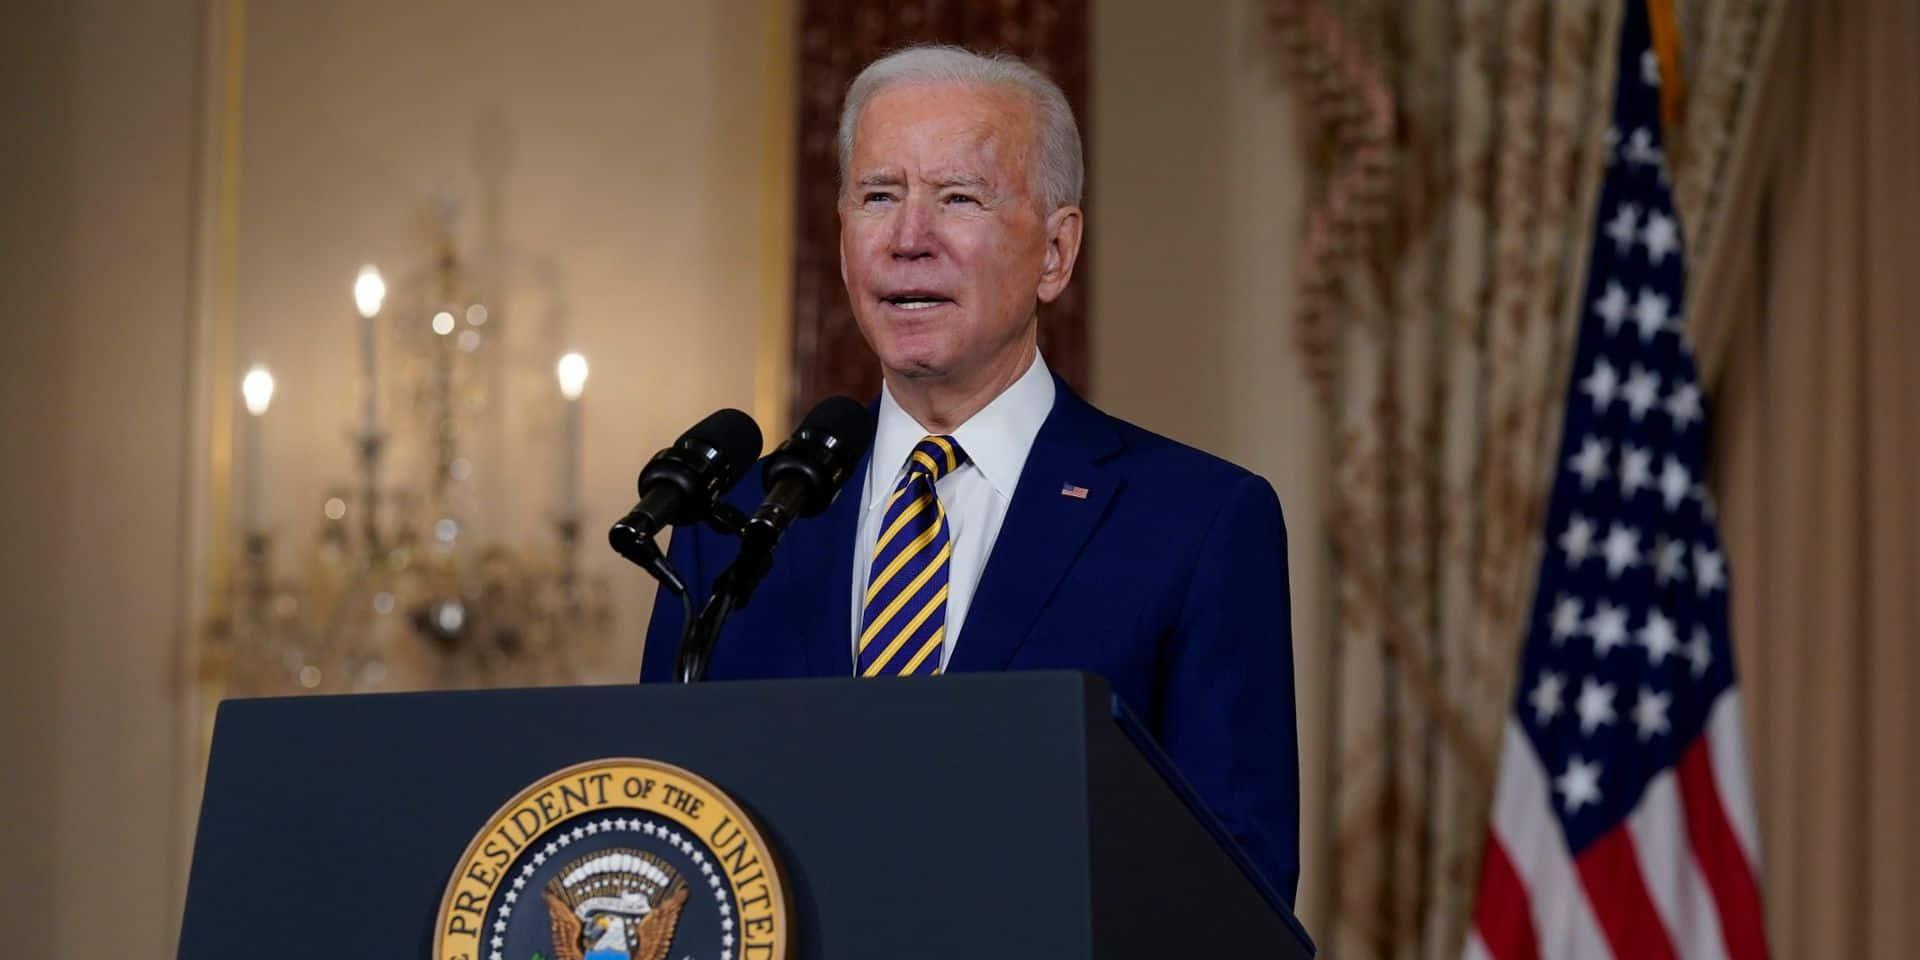 Au cours de la présentation de sa future politique étrangère, Biden a promis d'accueillir huit fois plus de migrants qu'en 2020.